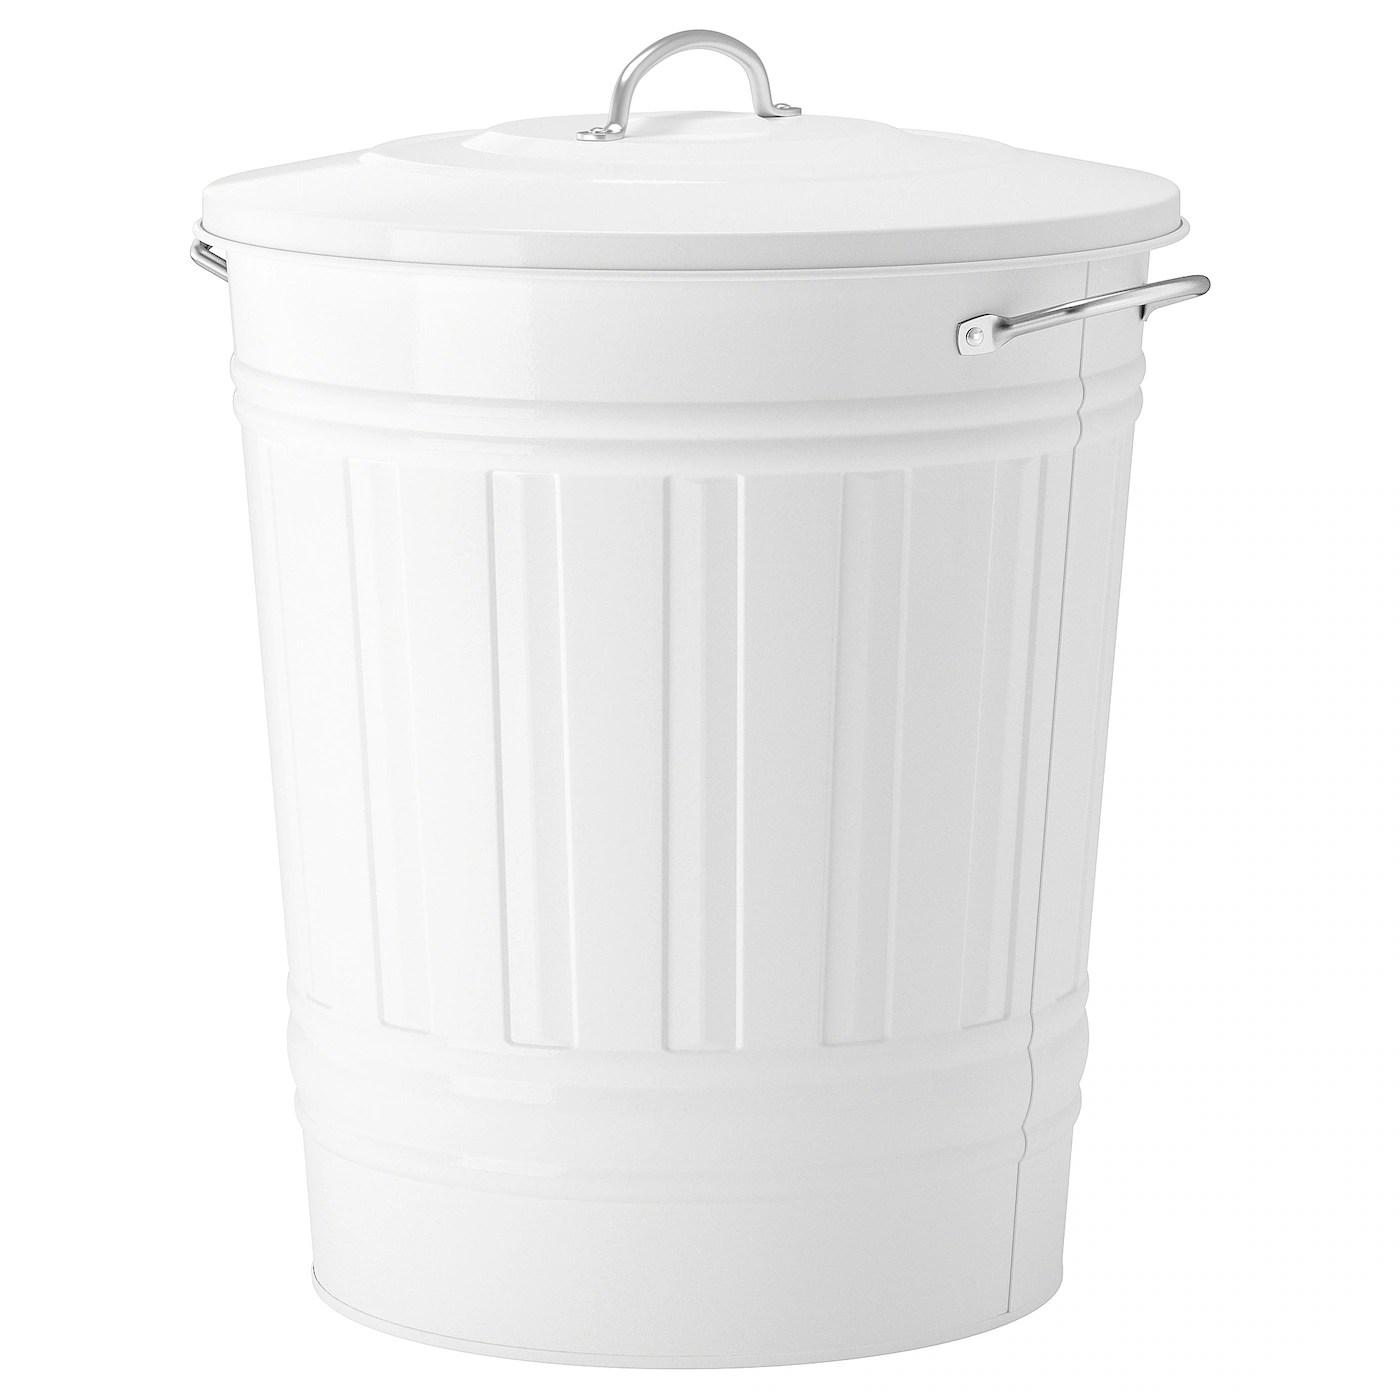 Knodd Poubelle Avec Couvercle Blanc 40 L Ikea